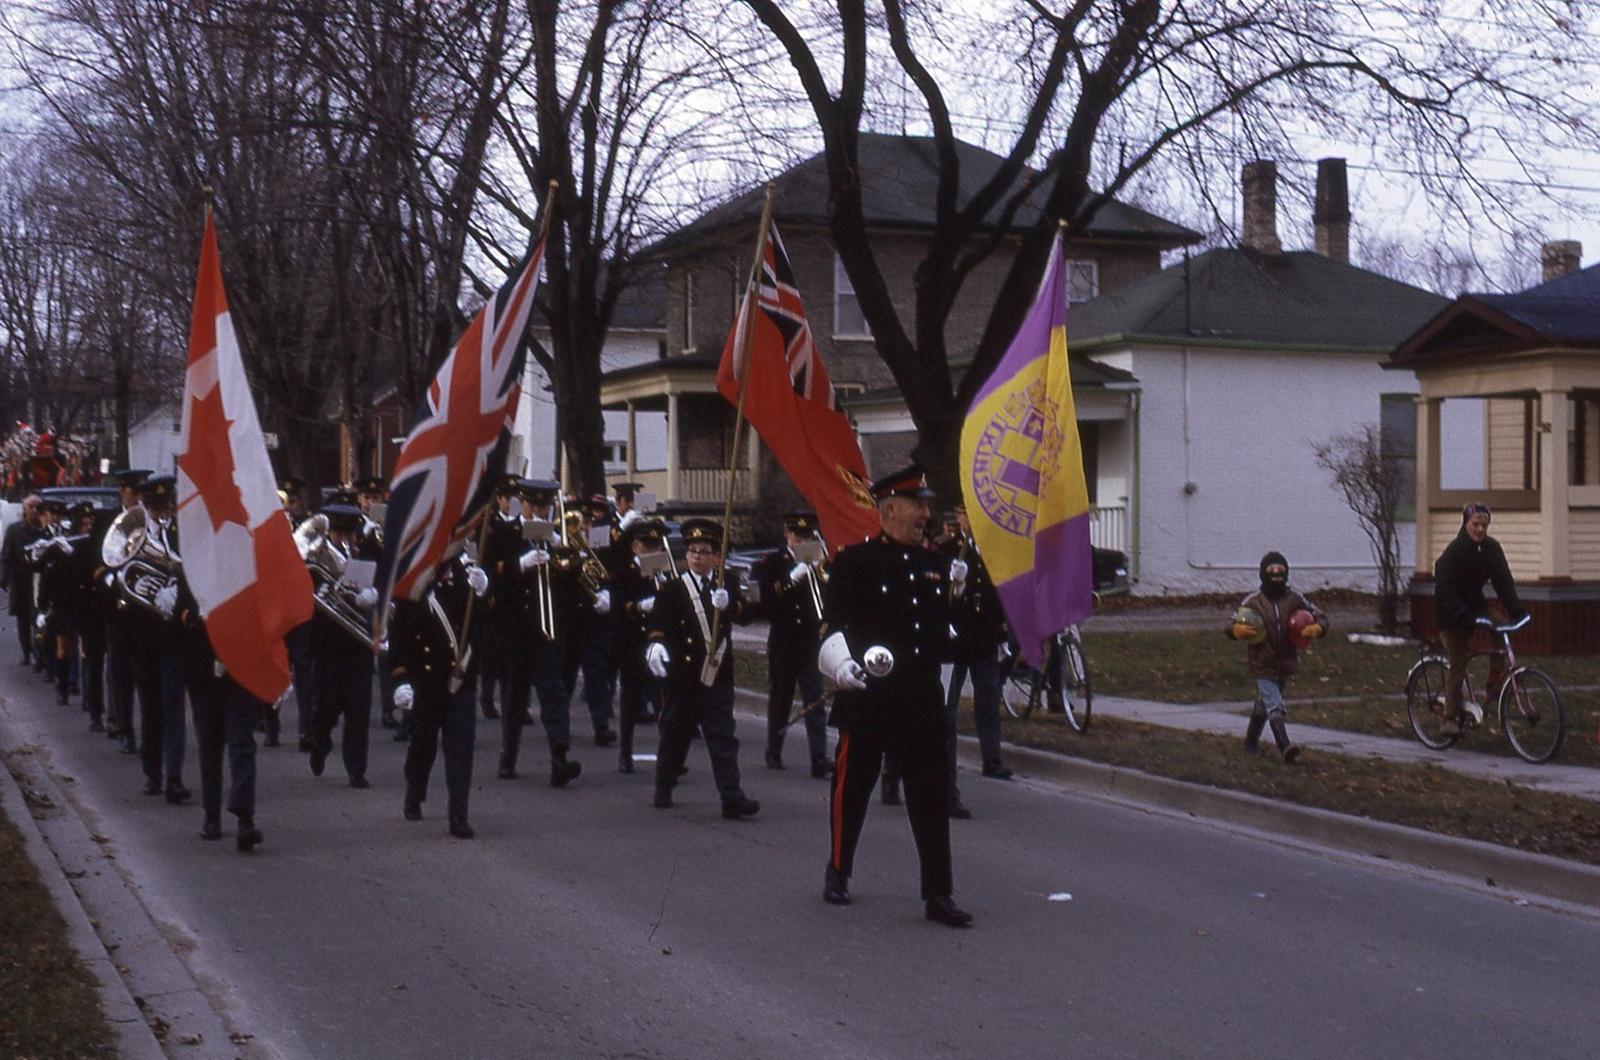 Lindsay Santa Claus Parade 1969